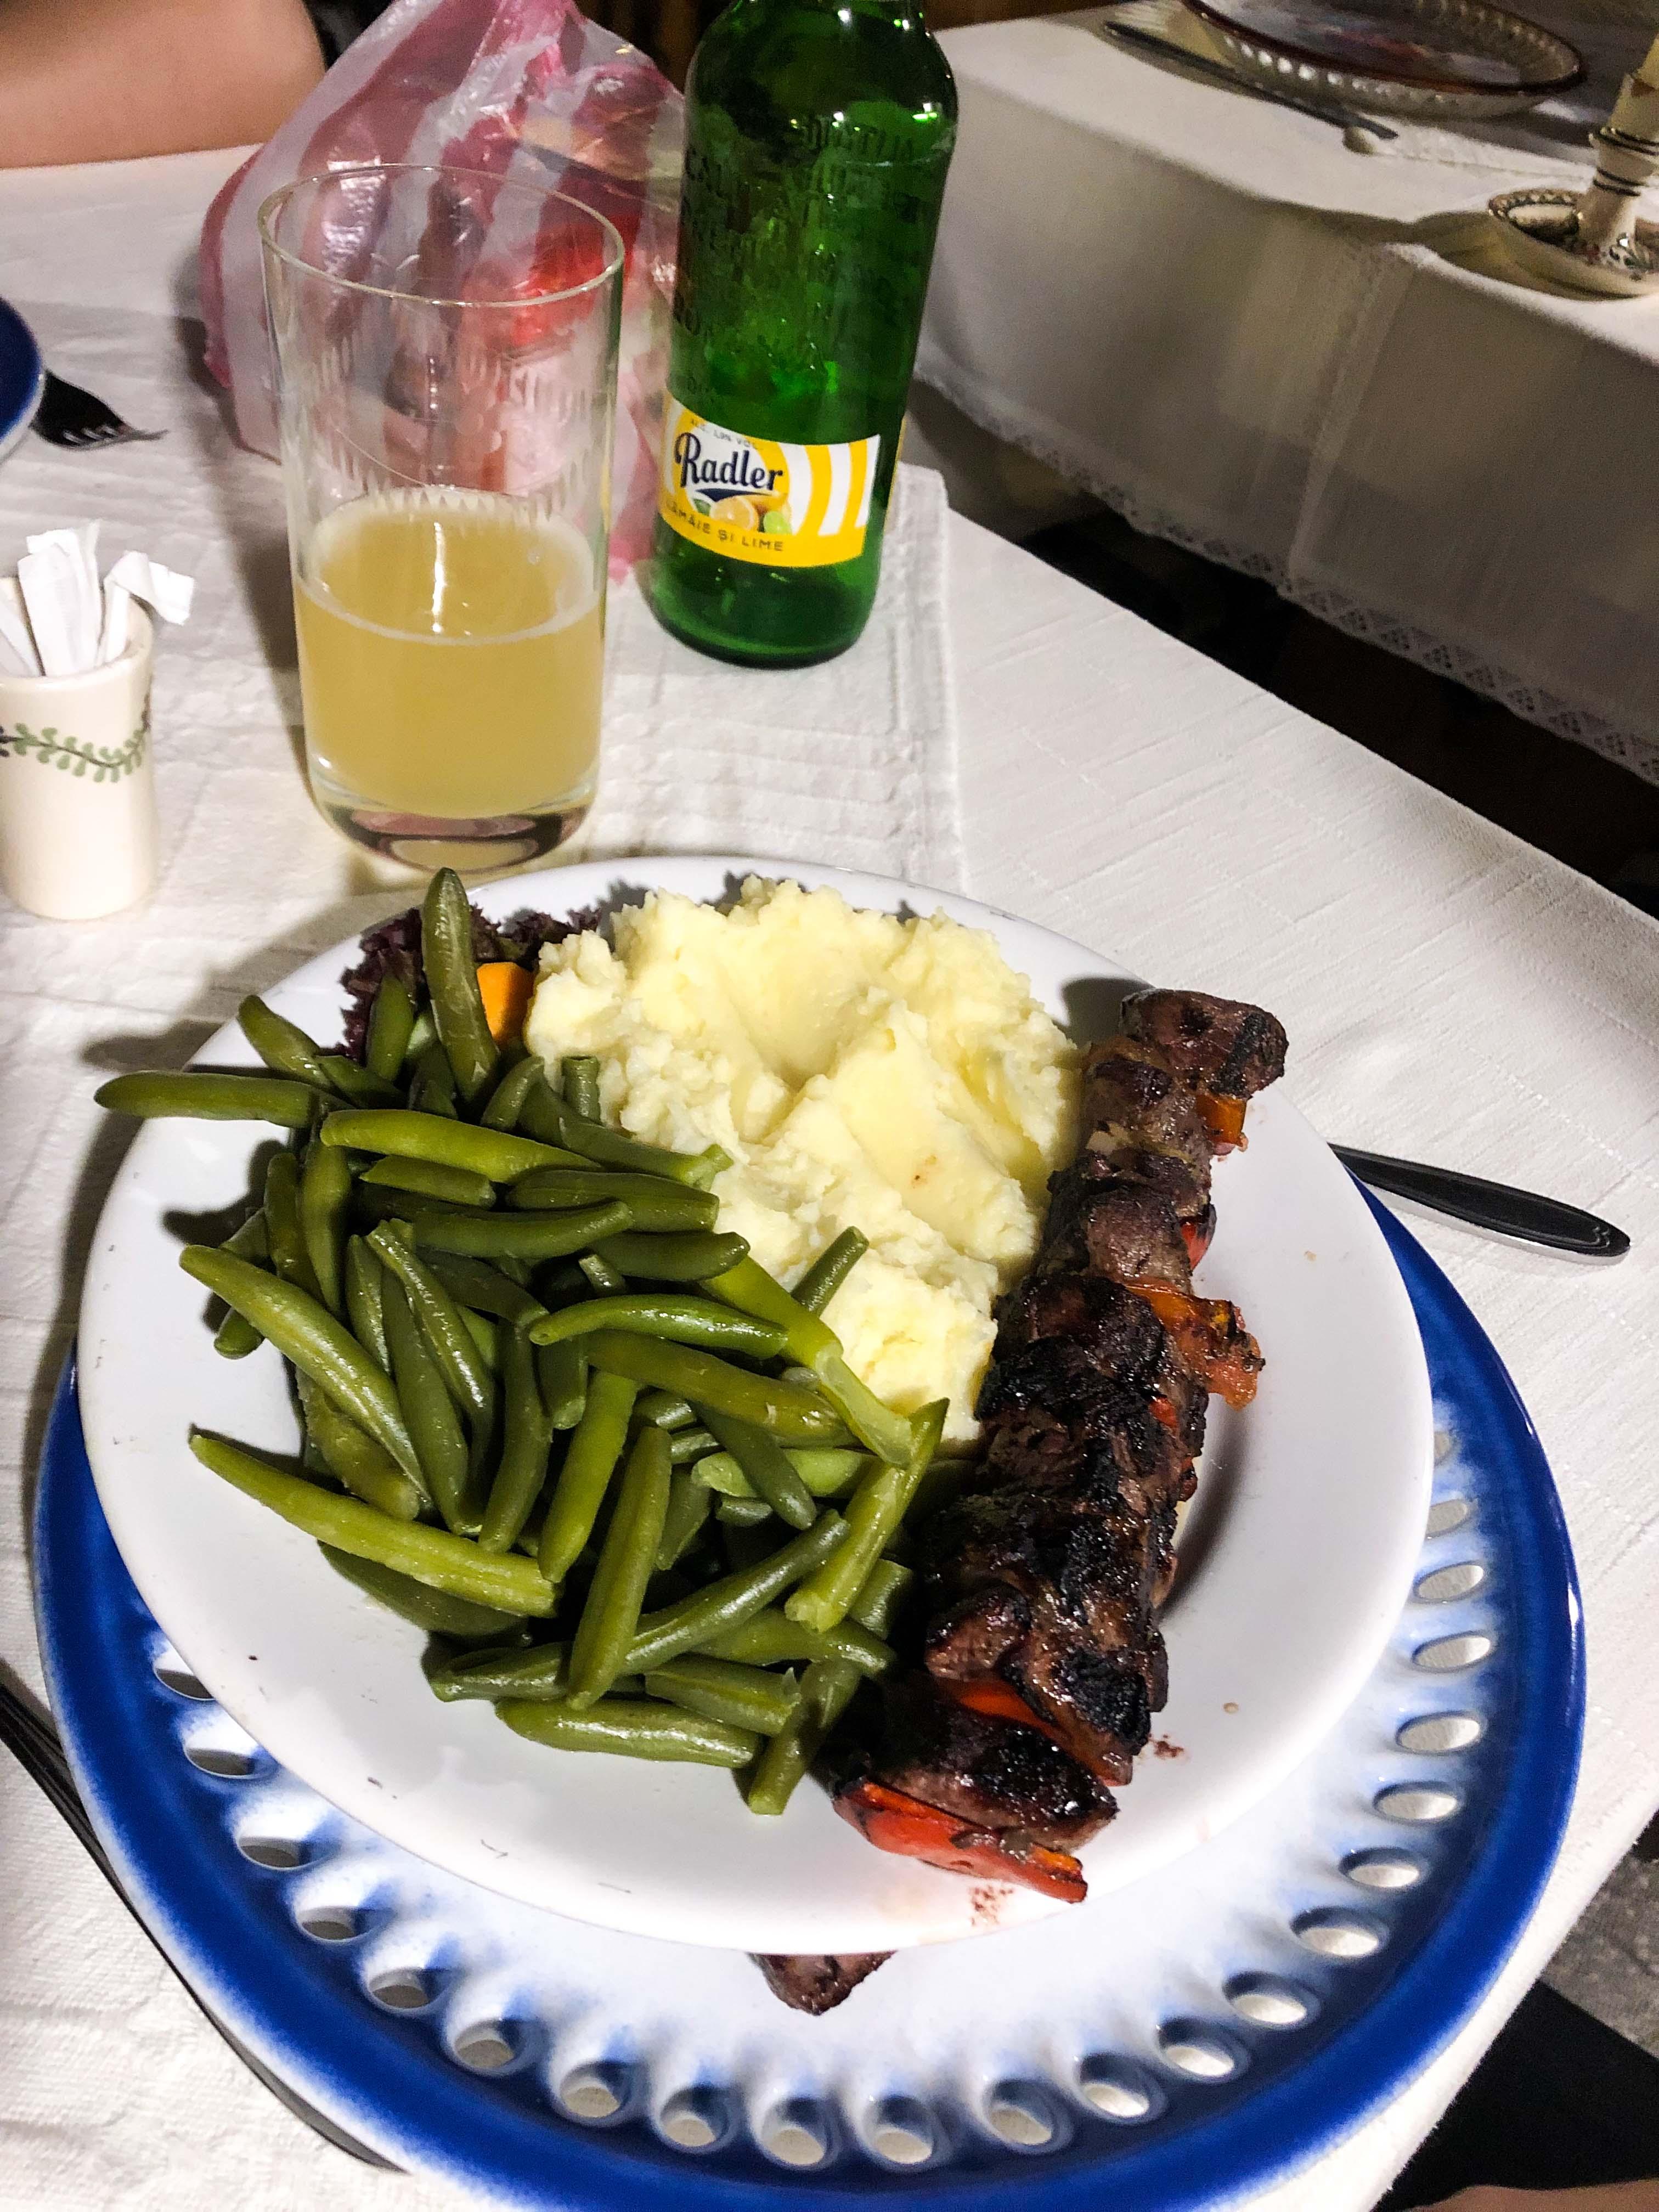 Restaurant Tipps Hermannstadt Sibiu Rumänien Insider Tipps Crama Sibiul Vechi einheimisches Restaurant Rumänische Küche Reiseblog Fleischspieß